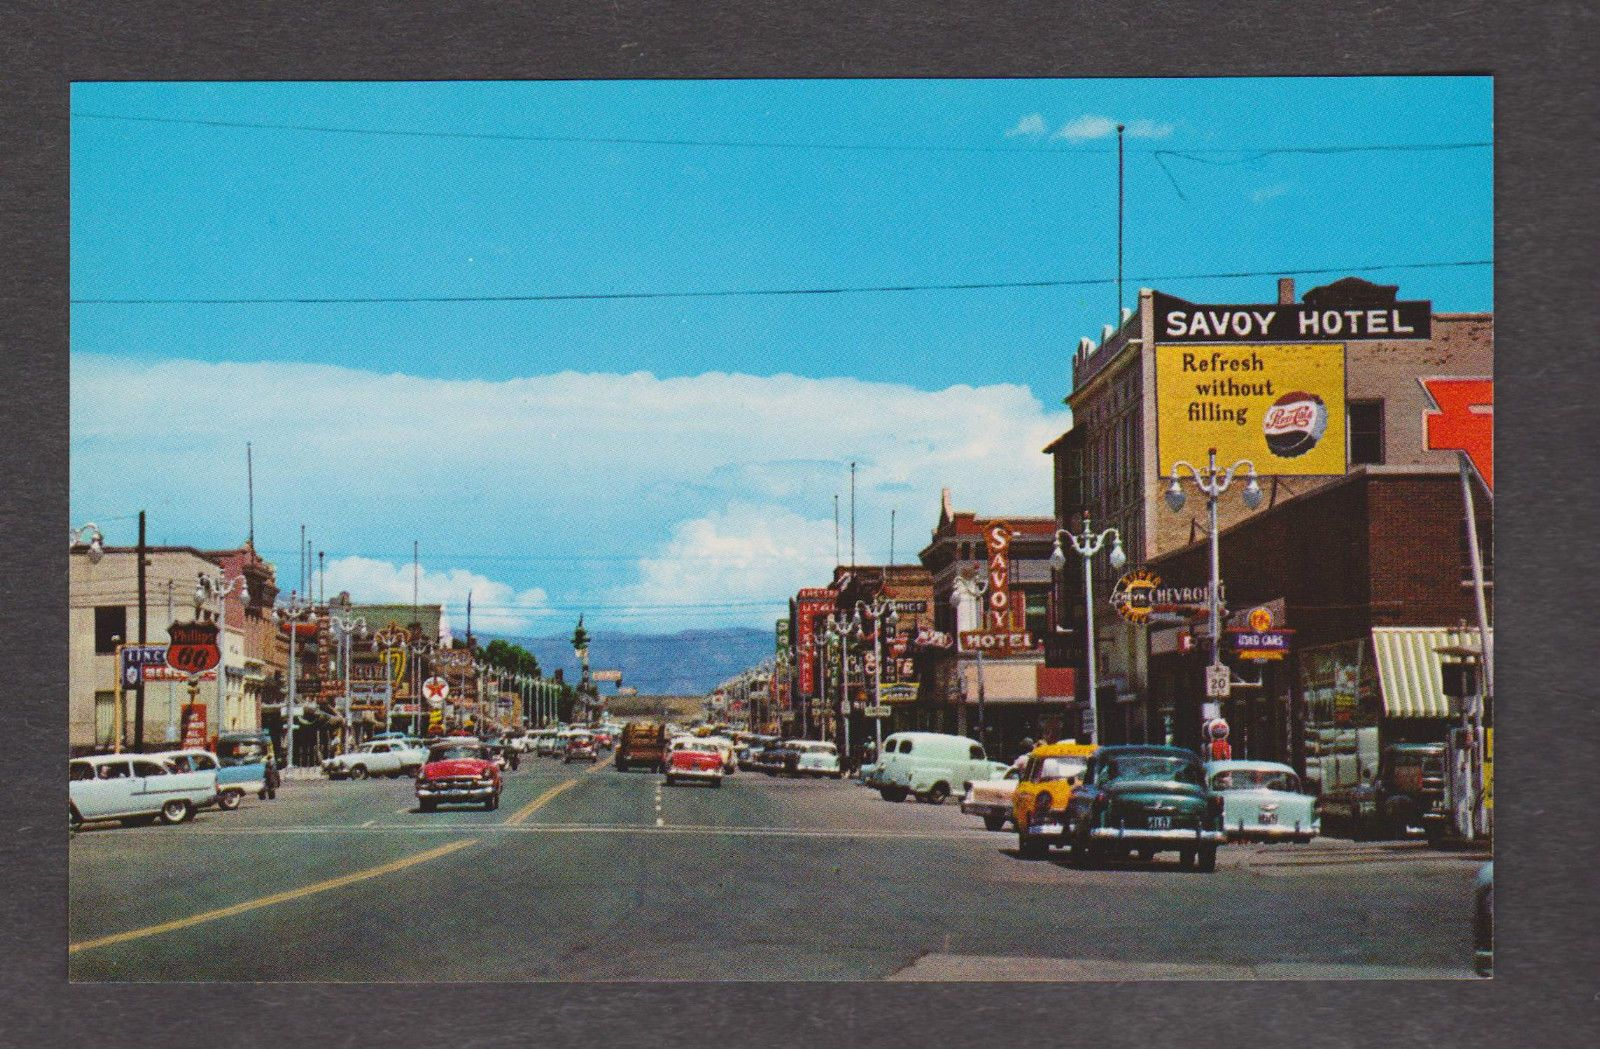 Main street looking east price utah ut savoy hotel 1958